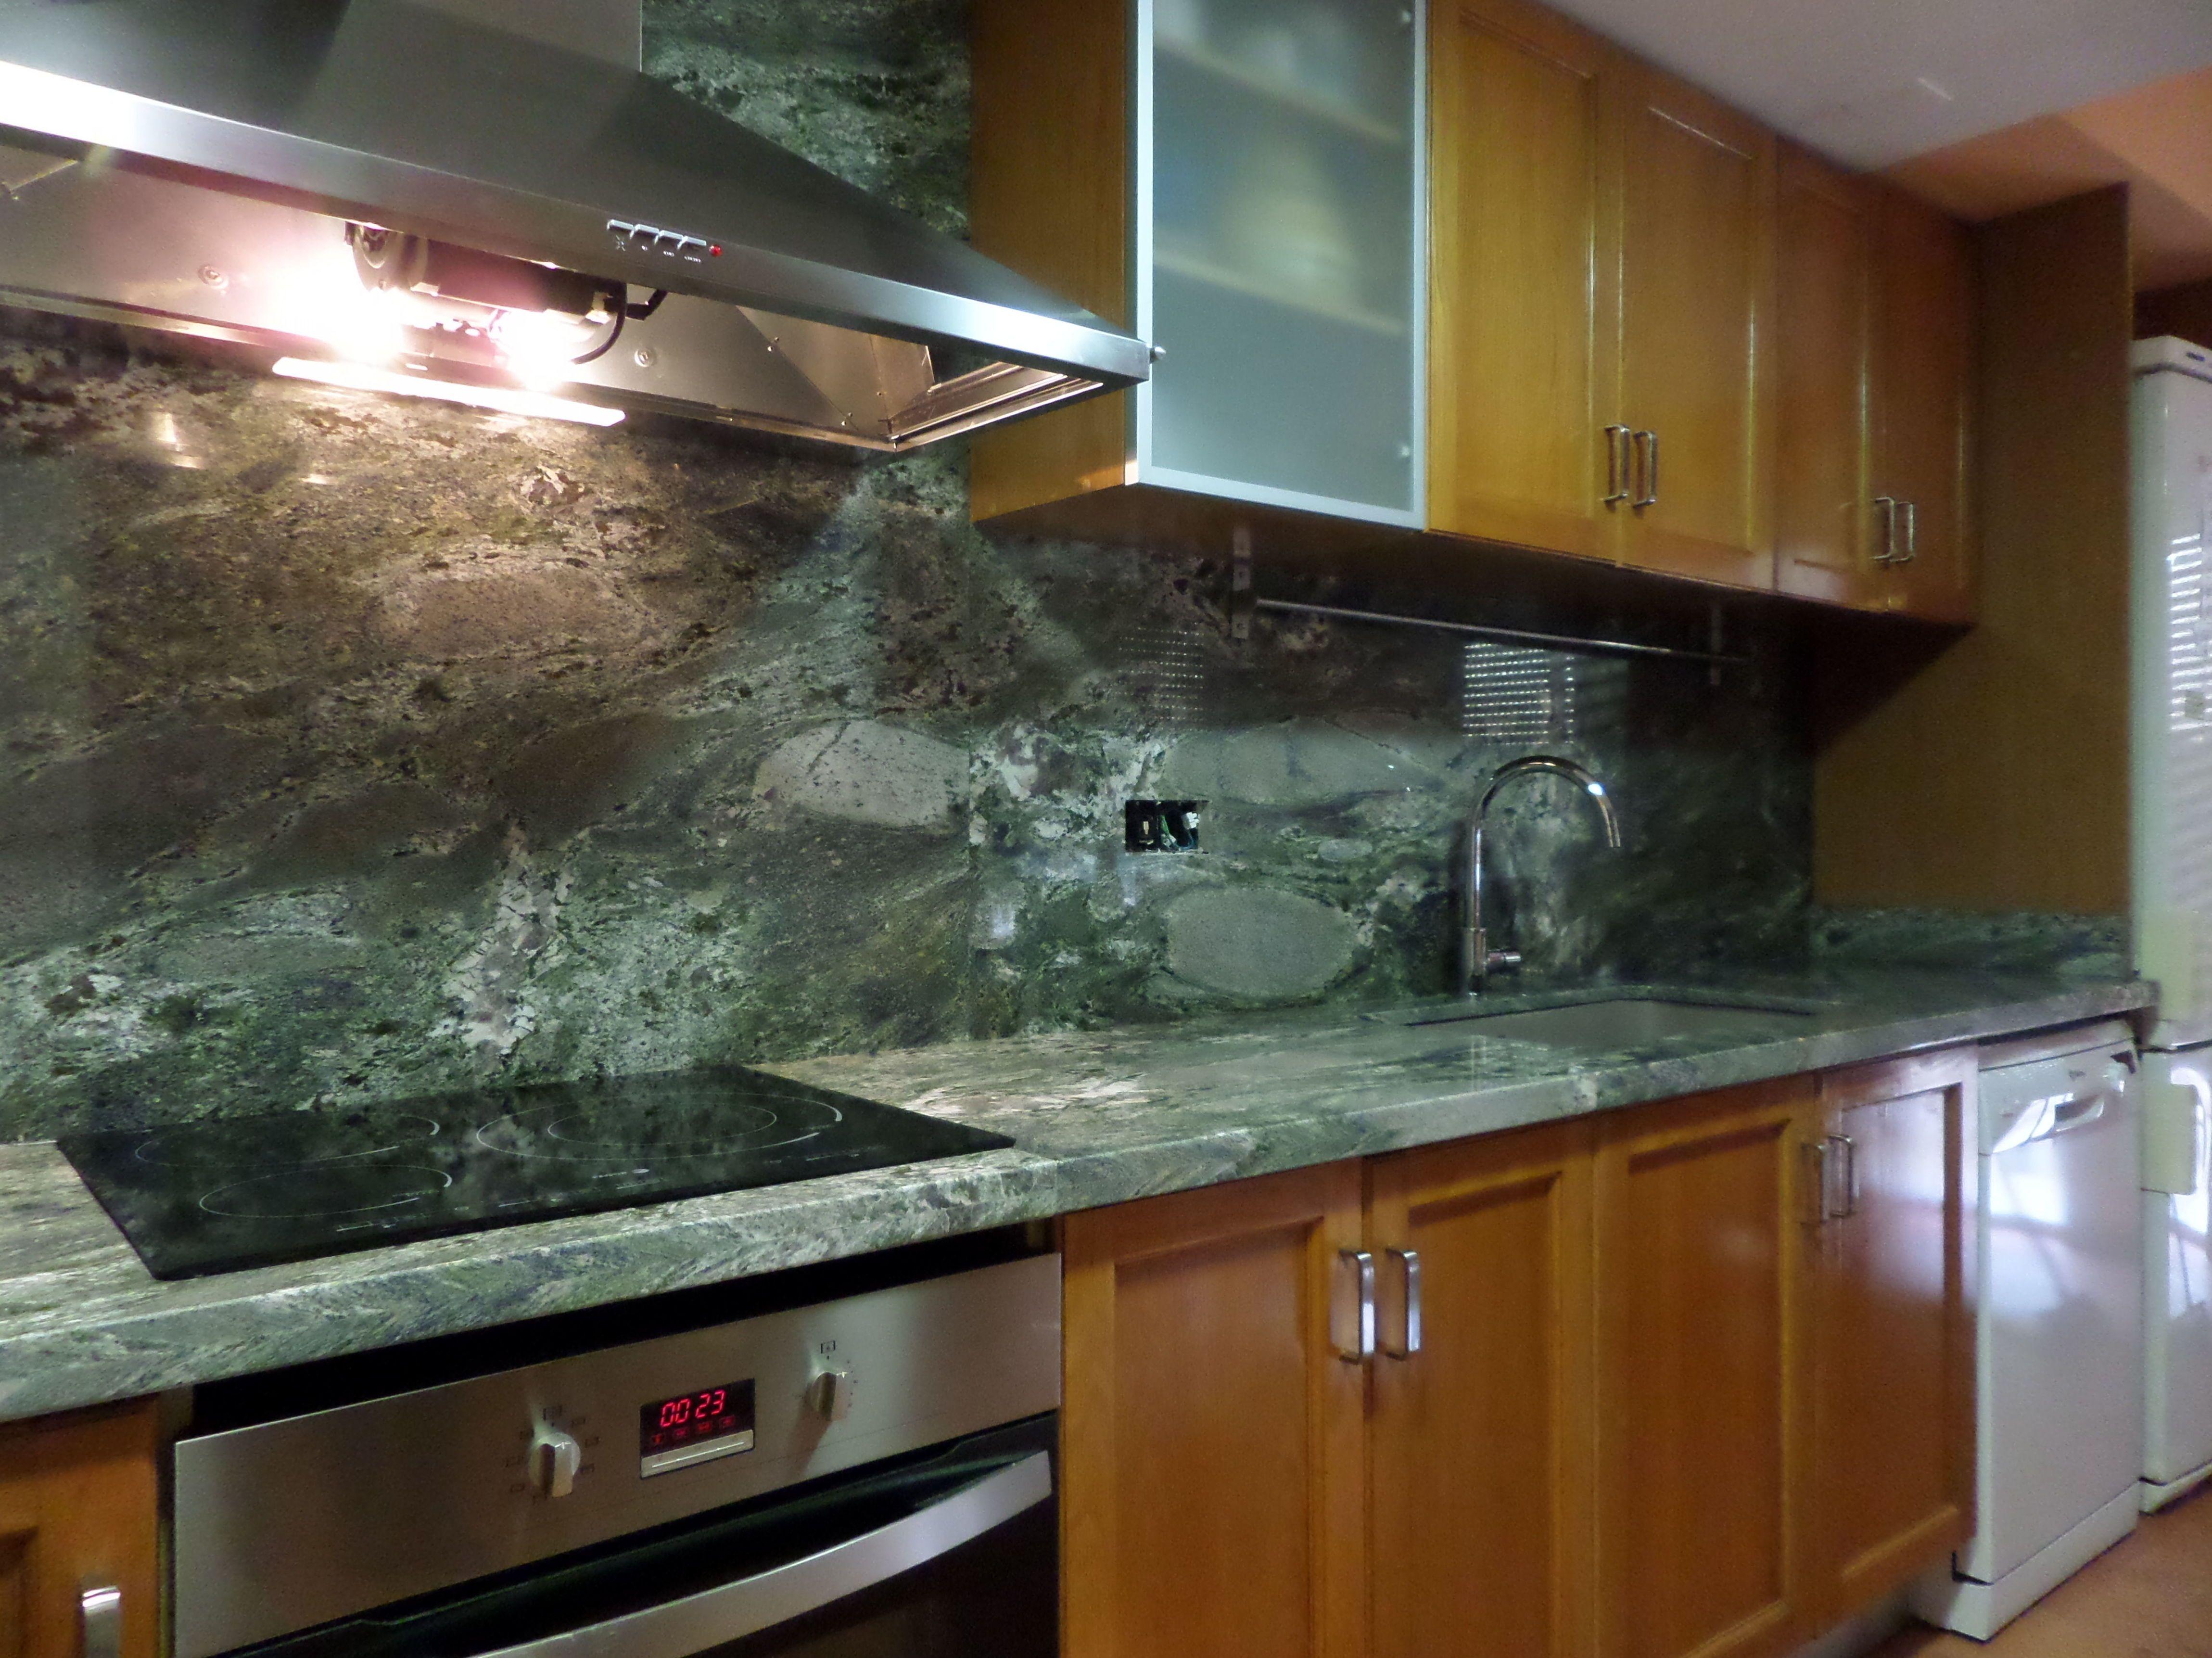 granitos para encimeras de cocina affordable uso domstico